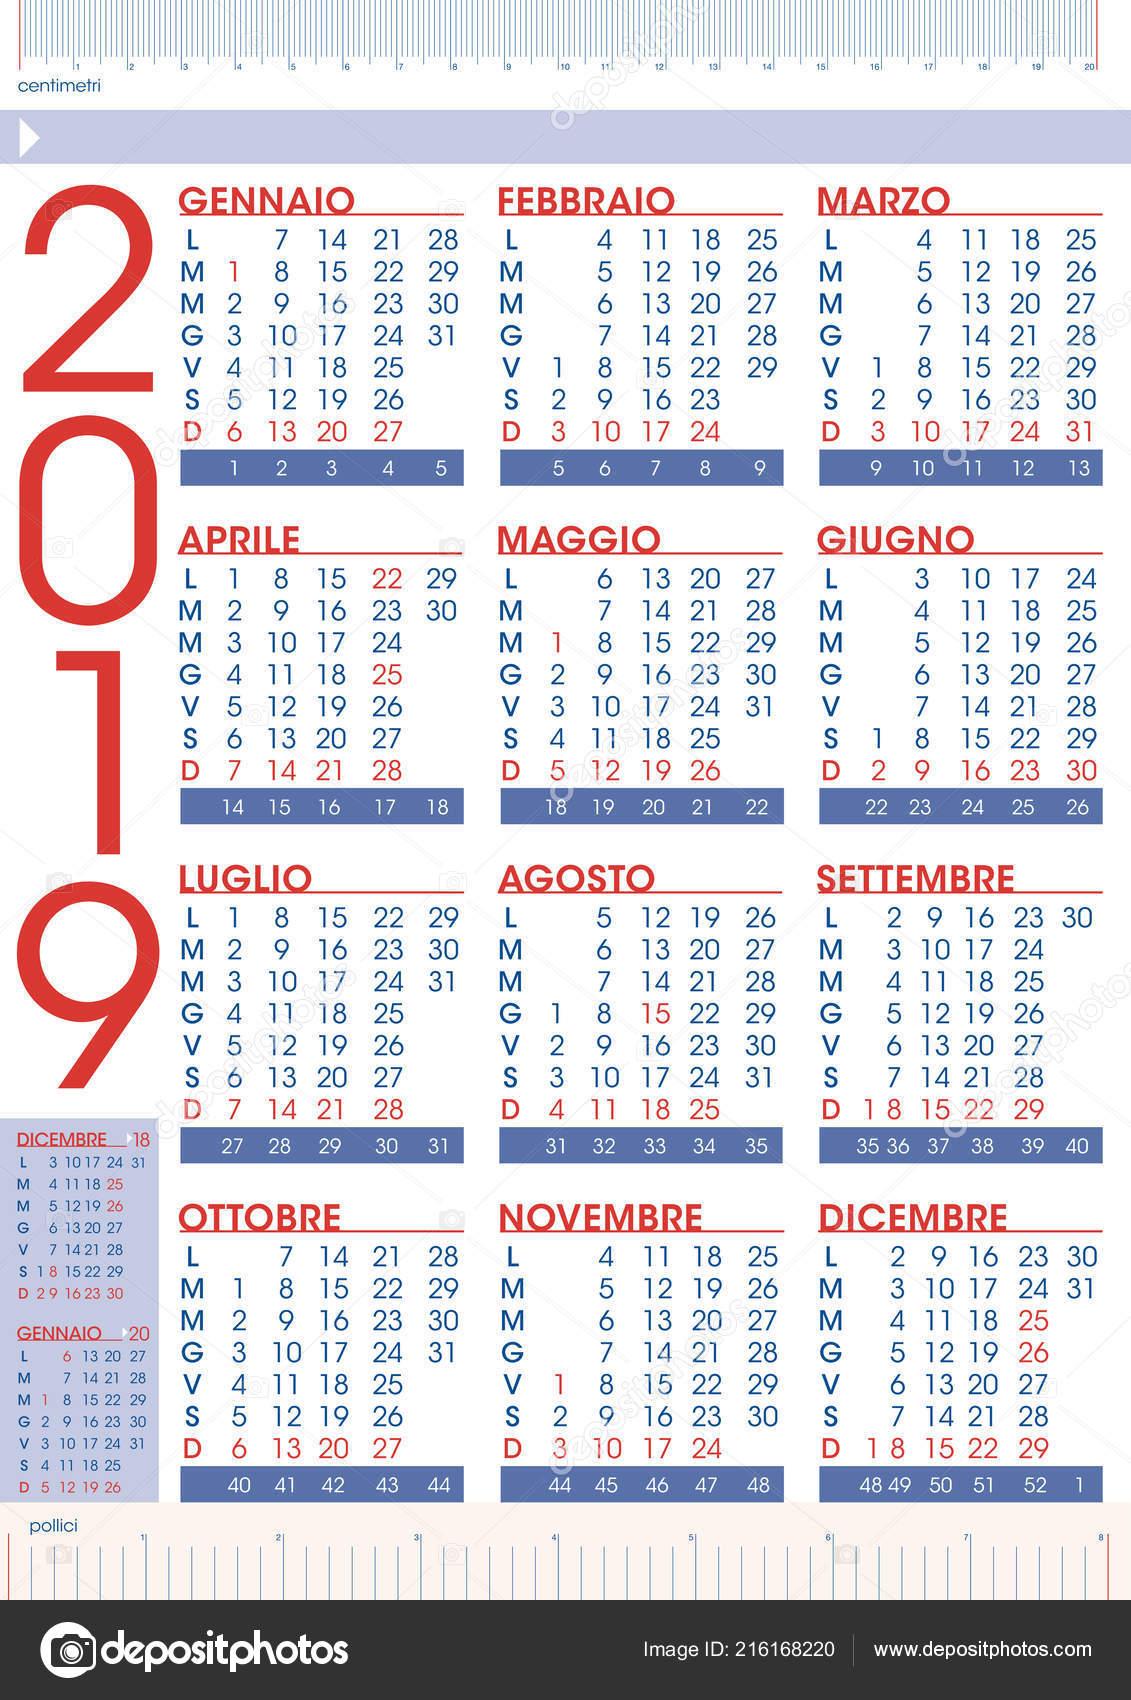 Calendario Numero Settimana 2019.Calendario 2019 Regole Commerciale Lingua Italiana Con